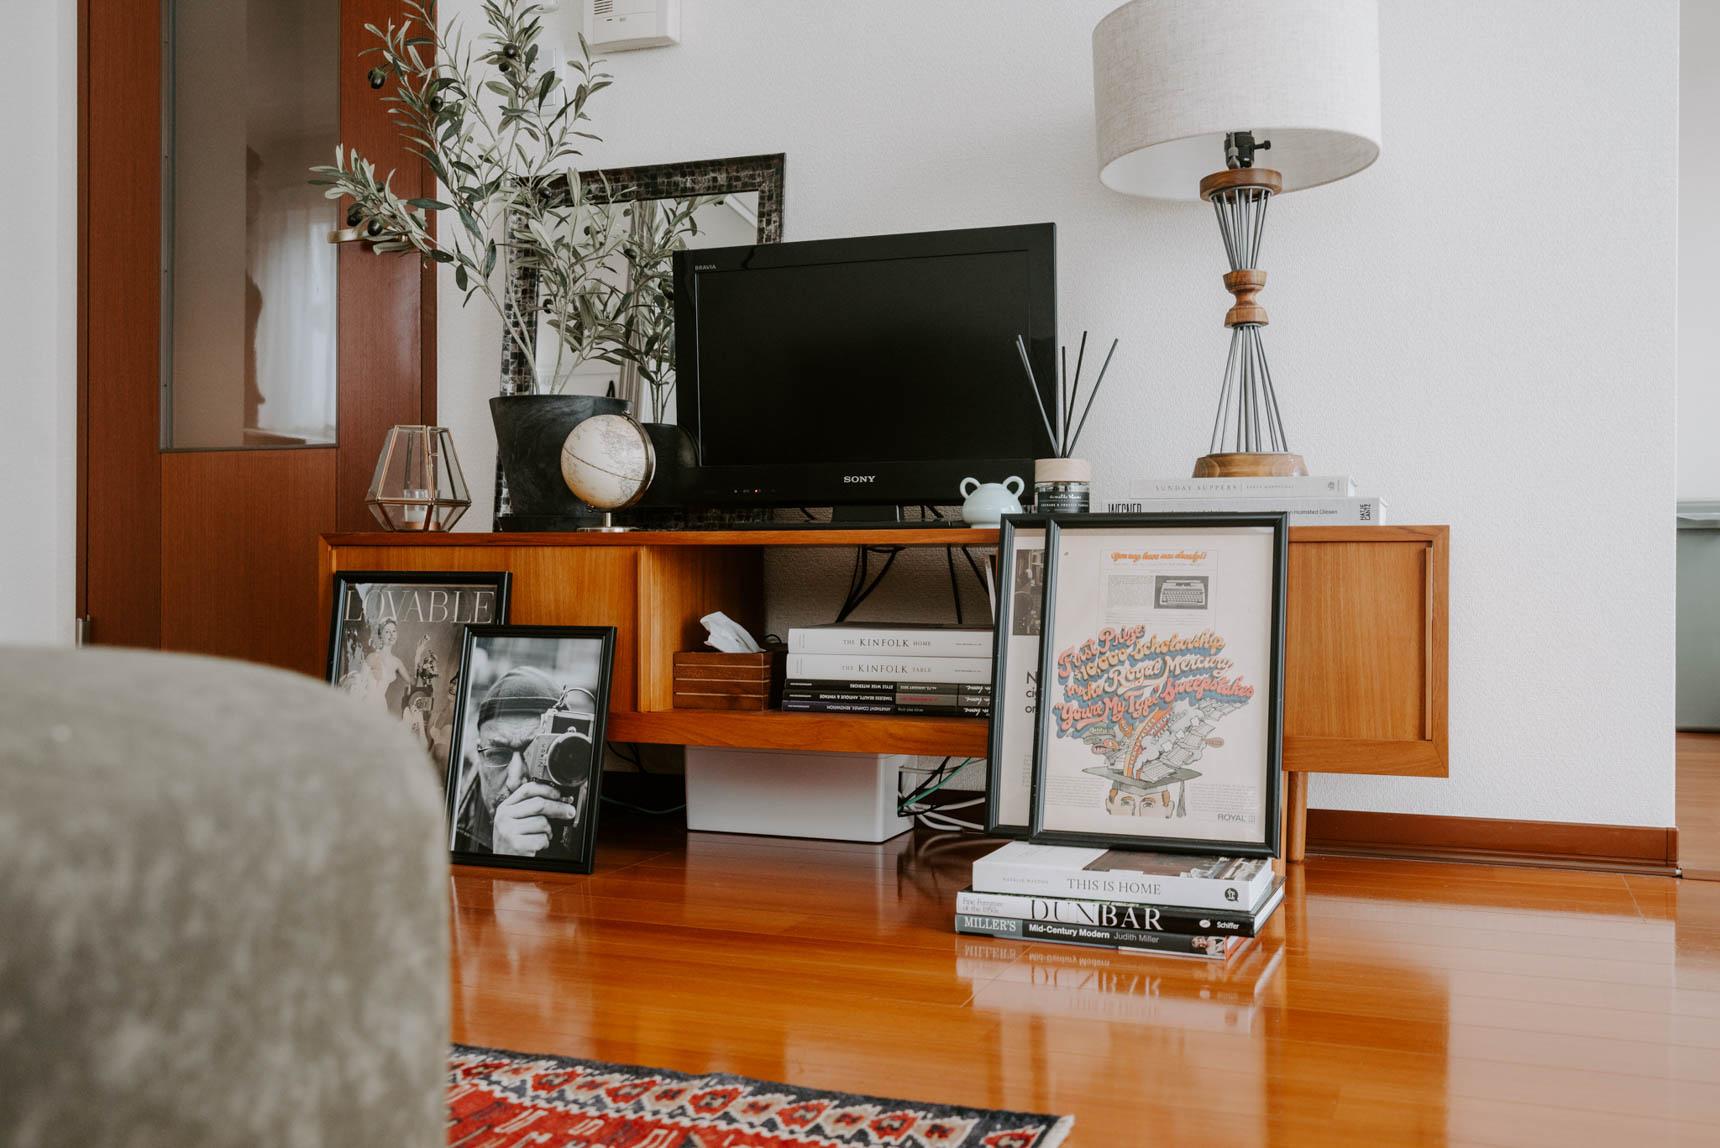 素敵なキャビネットは、楽天の家具店「クロロス」のオリジナル。テレビの周りをこんな風にアートやグリーンで飾るのって、素敵ですね。